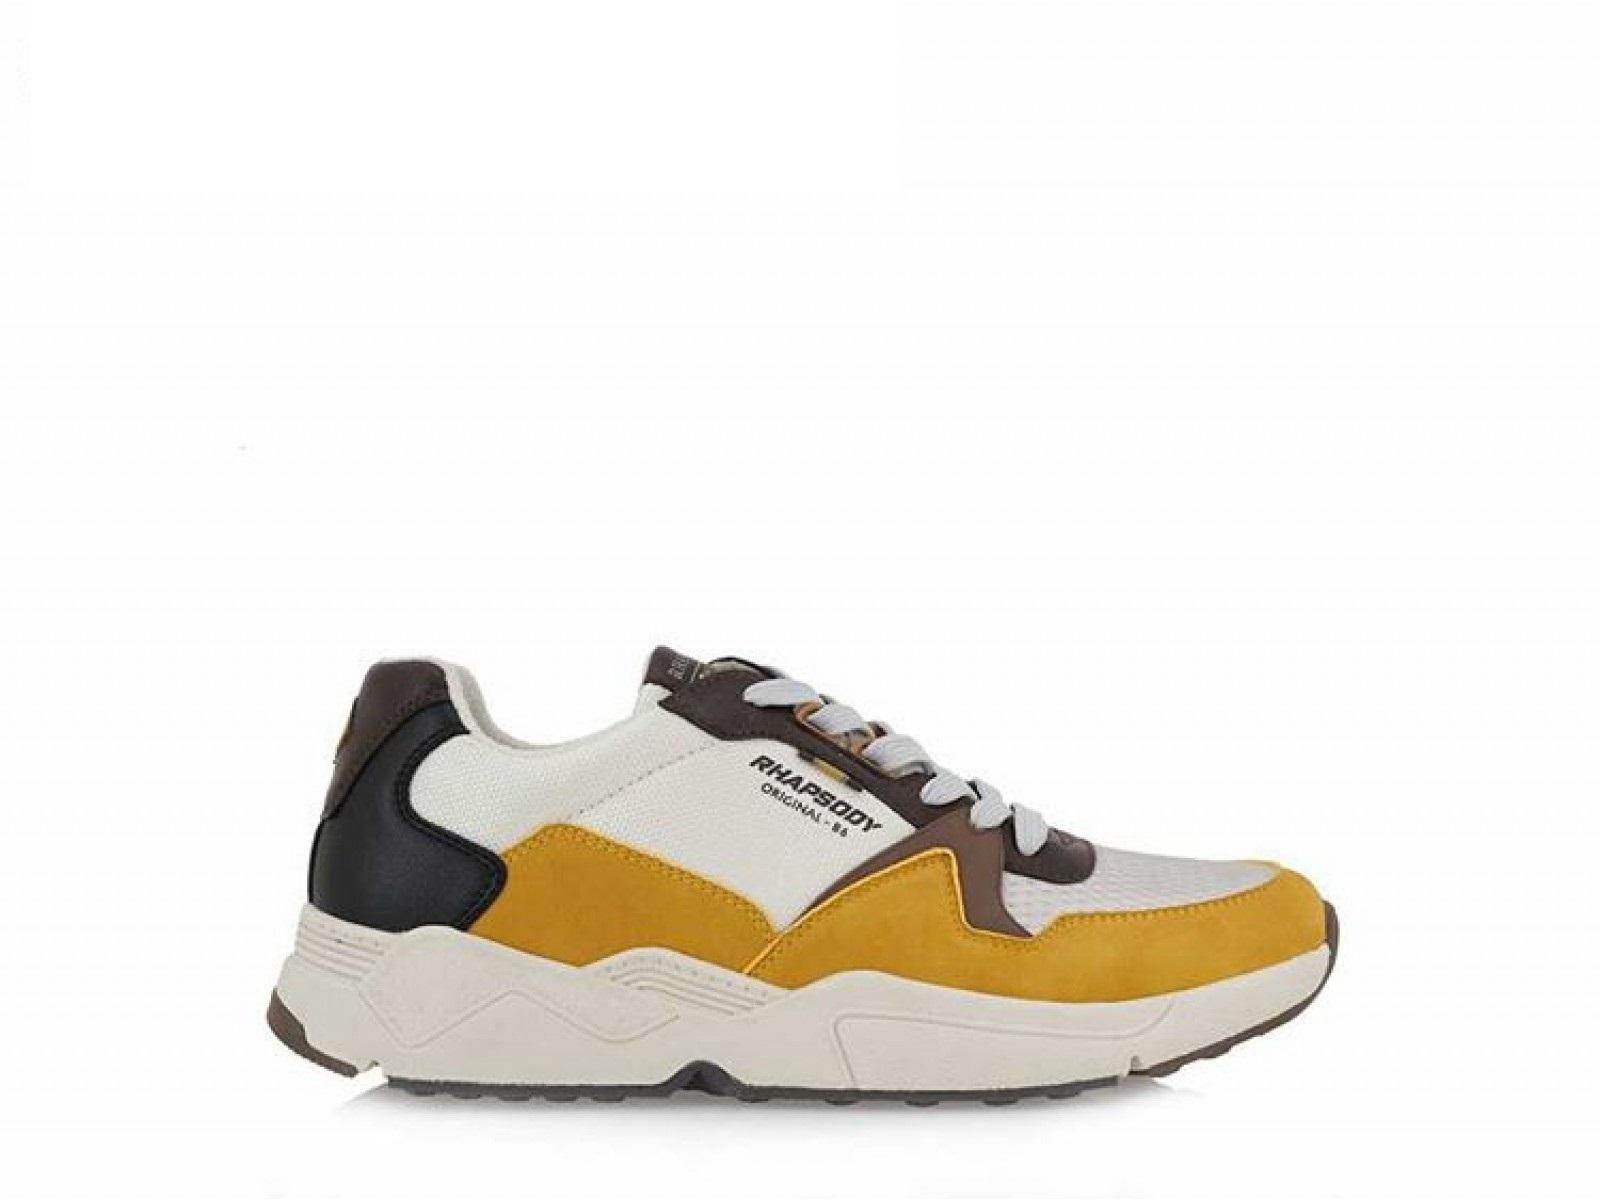 Ανδρικό Rhapsody καμηλό πολύχρωμα sneakers  ΑΝΔΡΙΚΑ